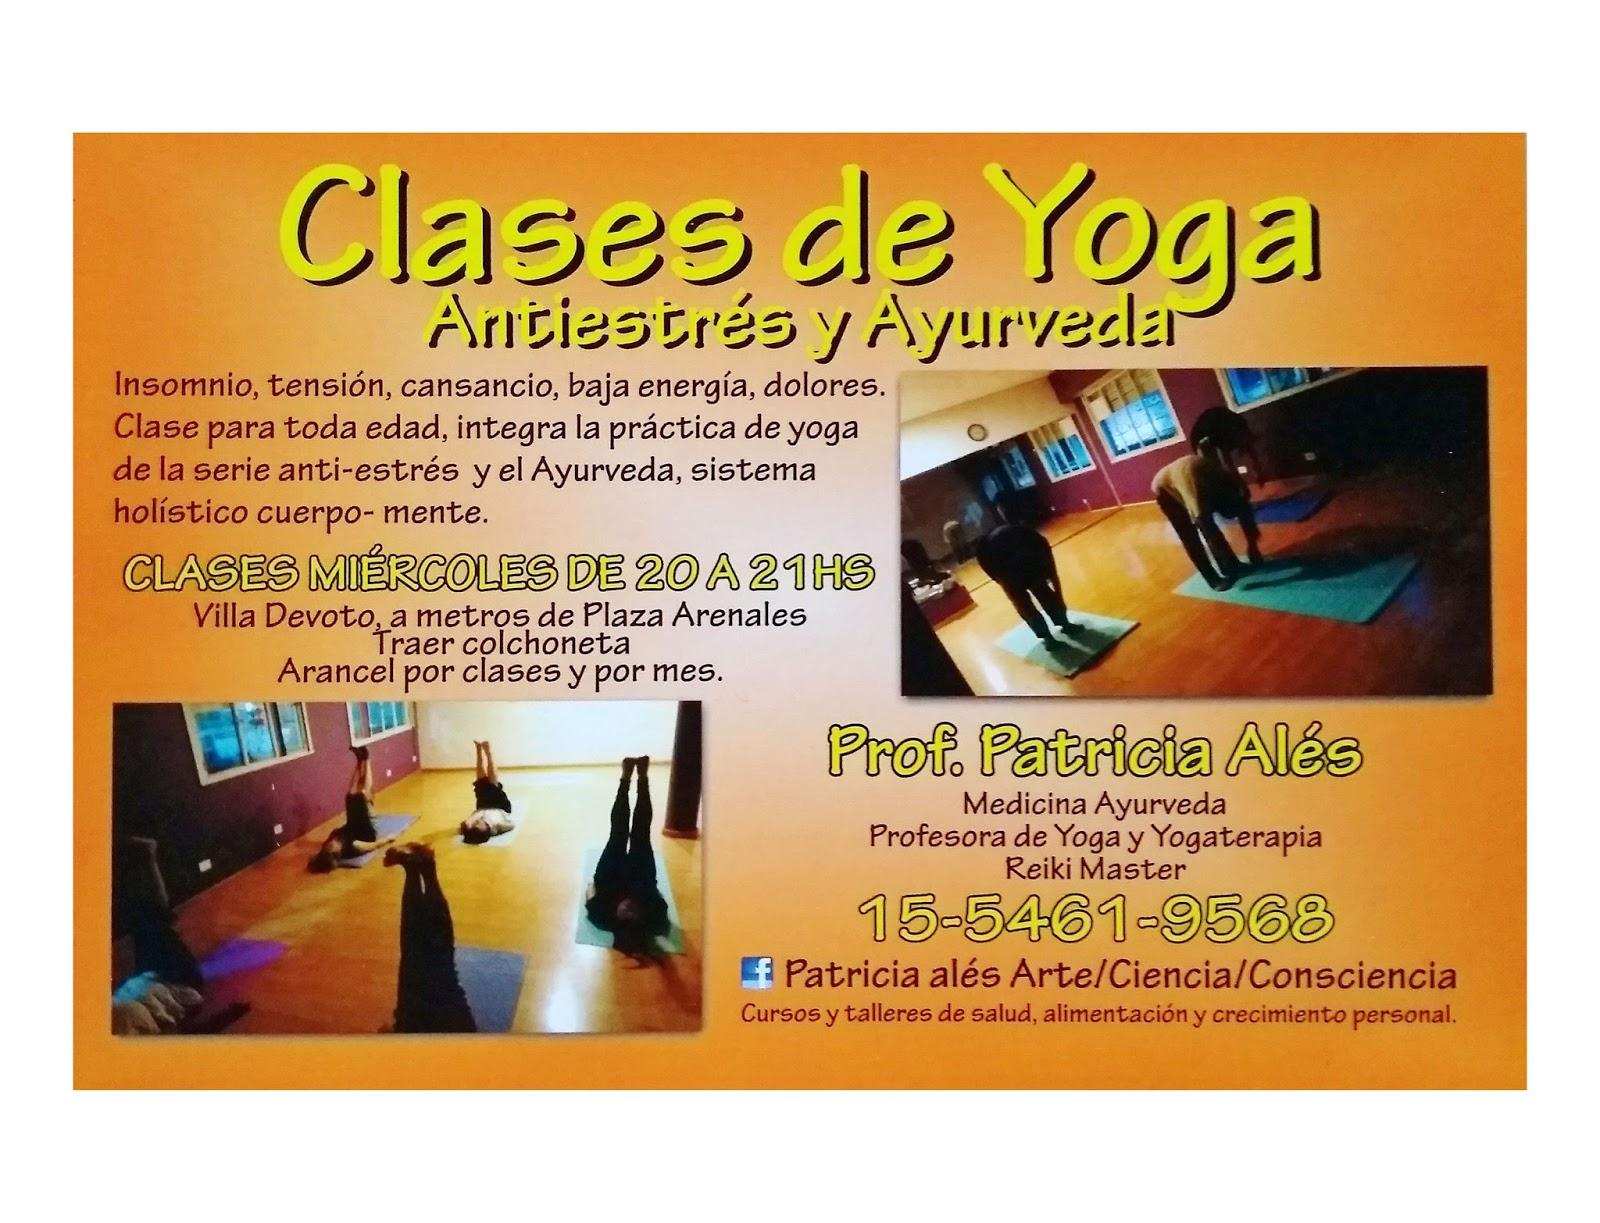 CLASES DE YOGA ANTI-ESTRÉS Y AYURVEDA 3e51804ceb3f